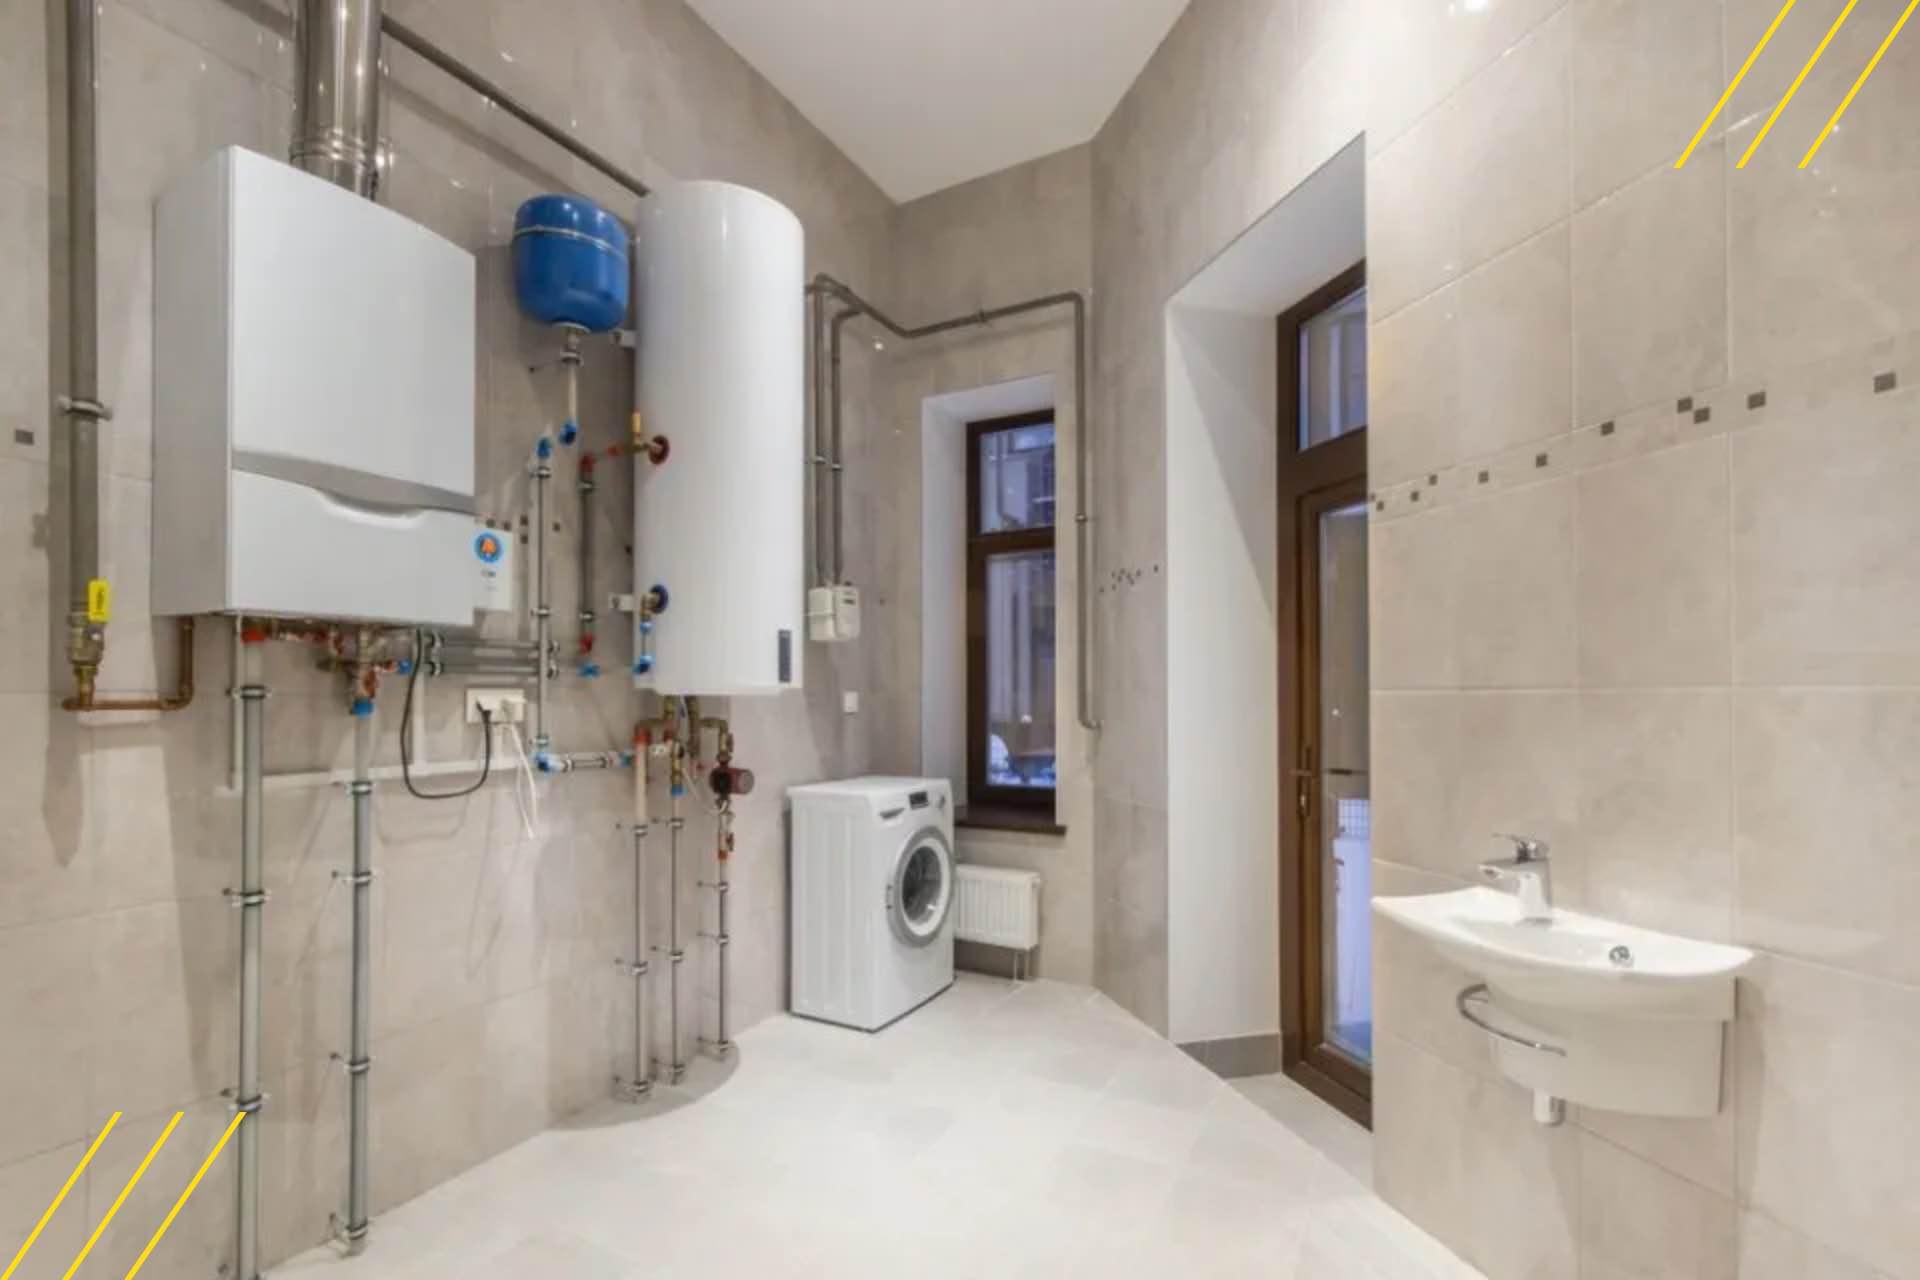 impianti termici bardani caldaia soffitto parete perugia riscaldamento